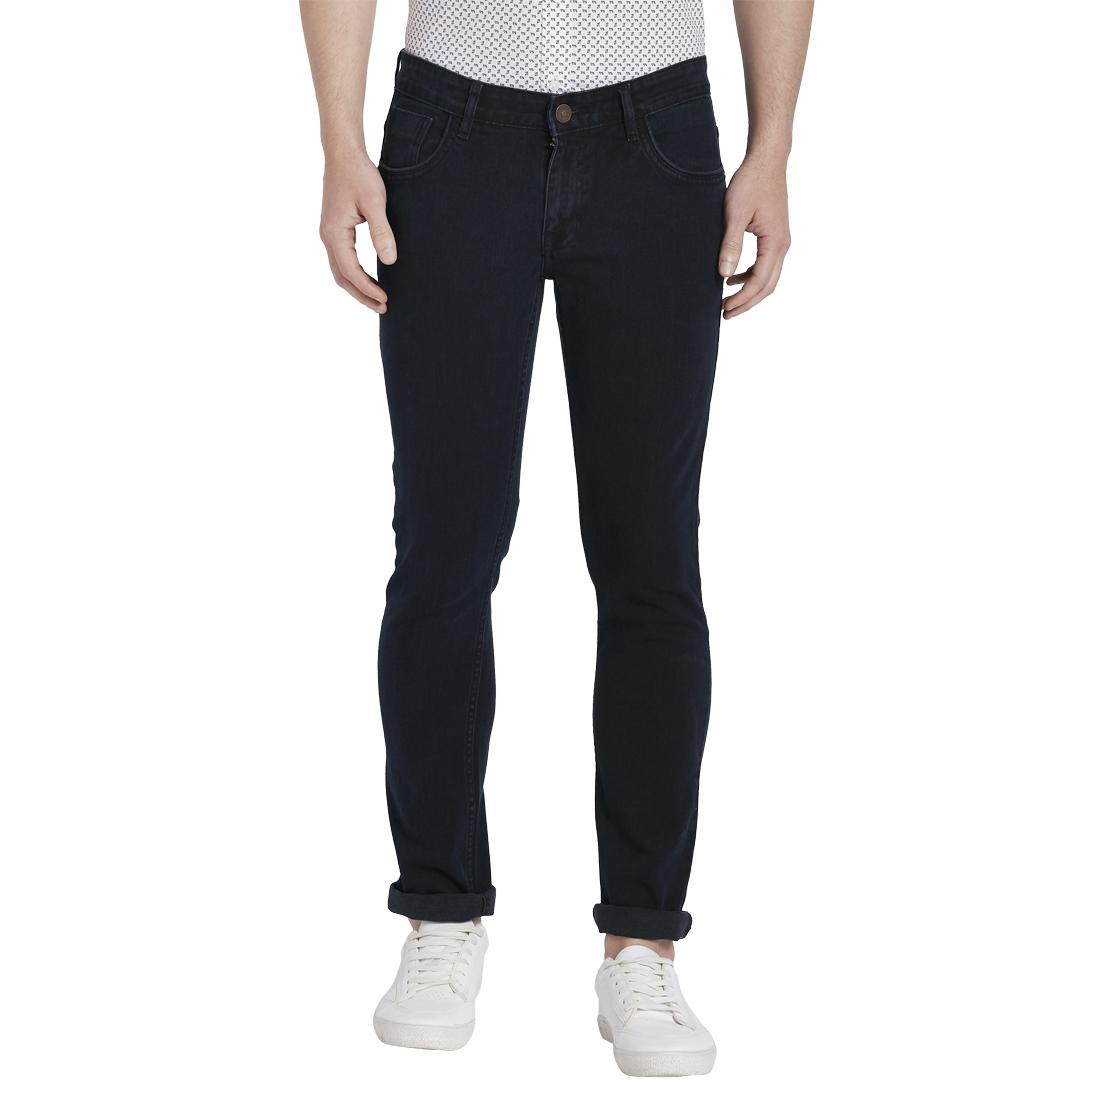 ColorPlus   ColorPlus Black Jeans